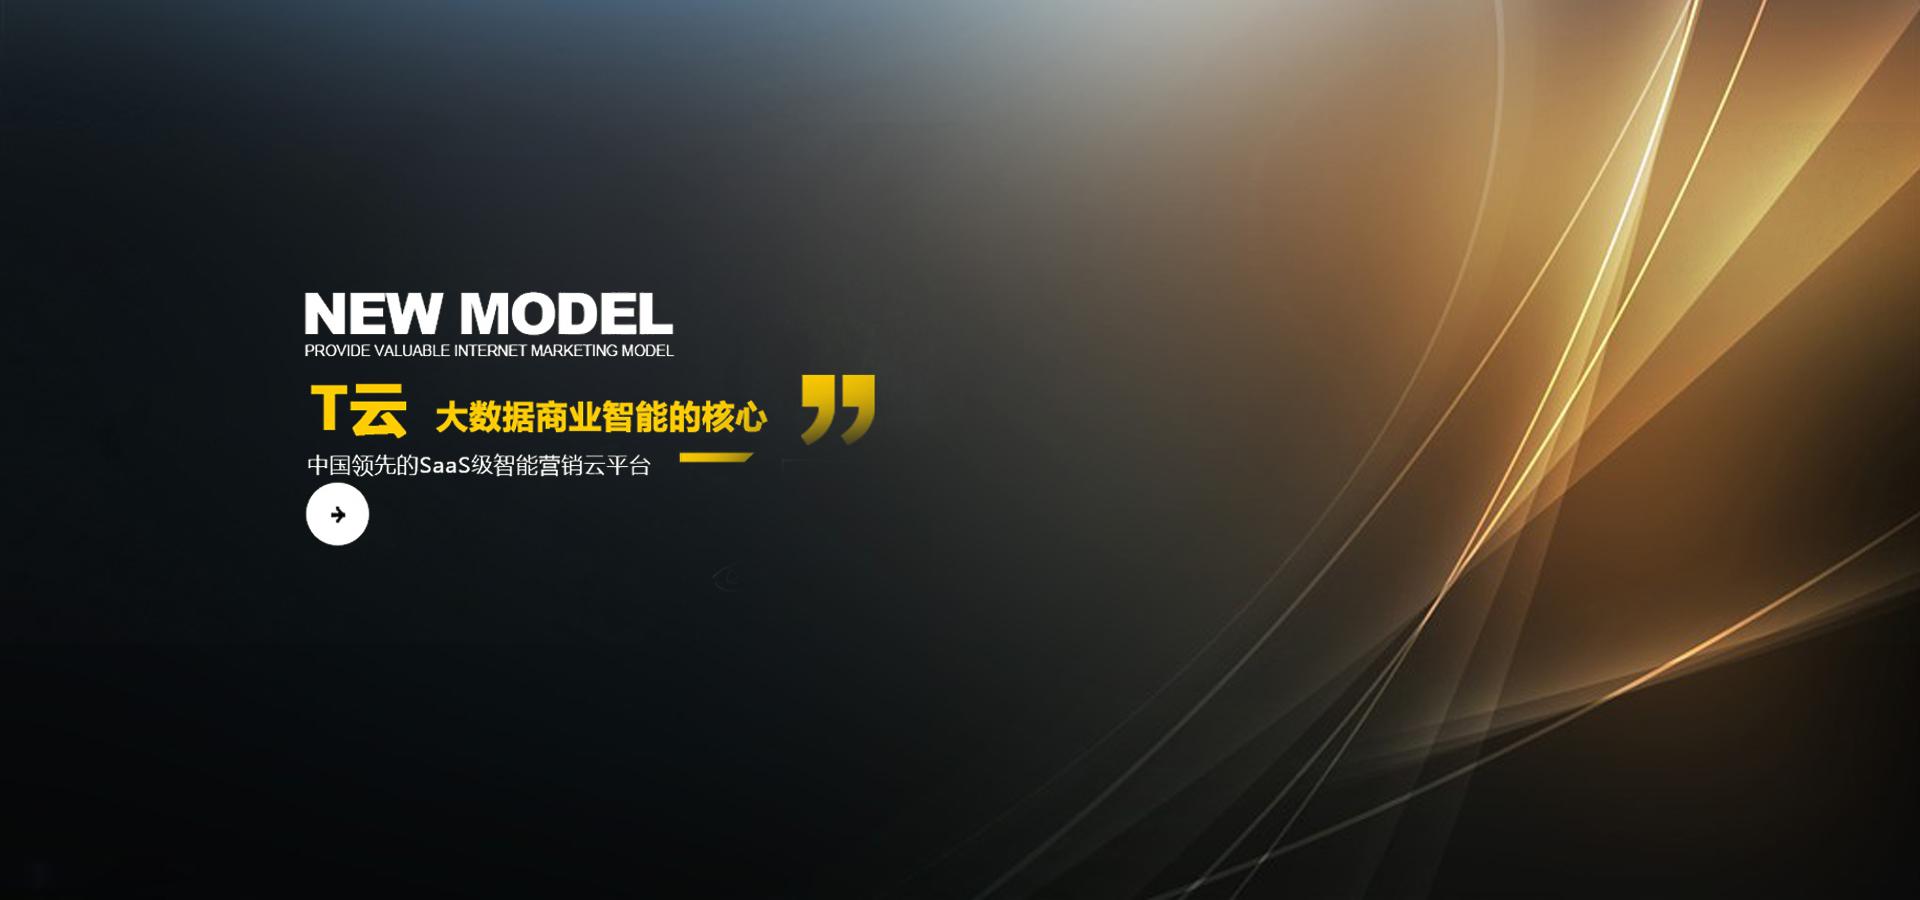 T云,智能營銷